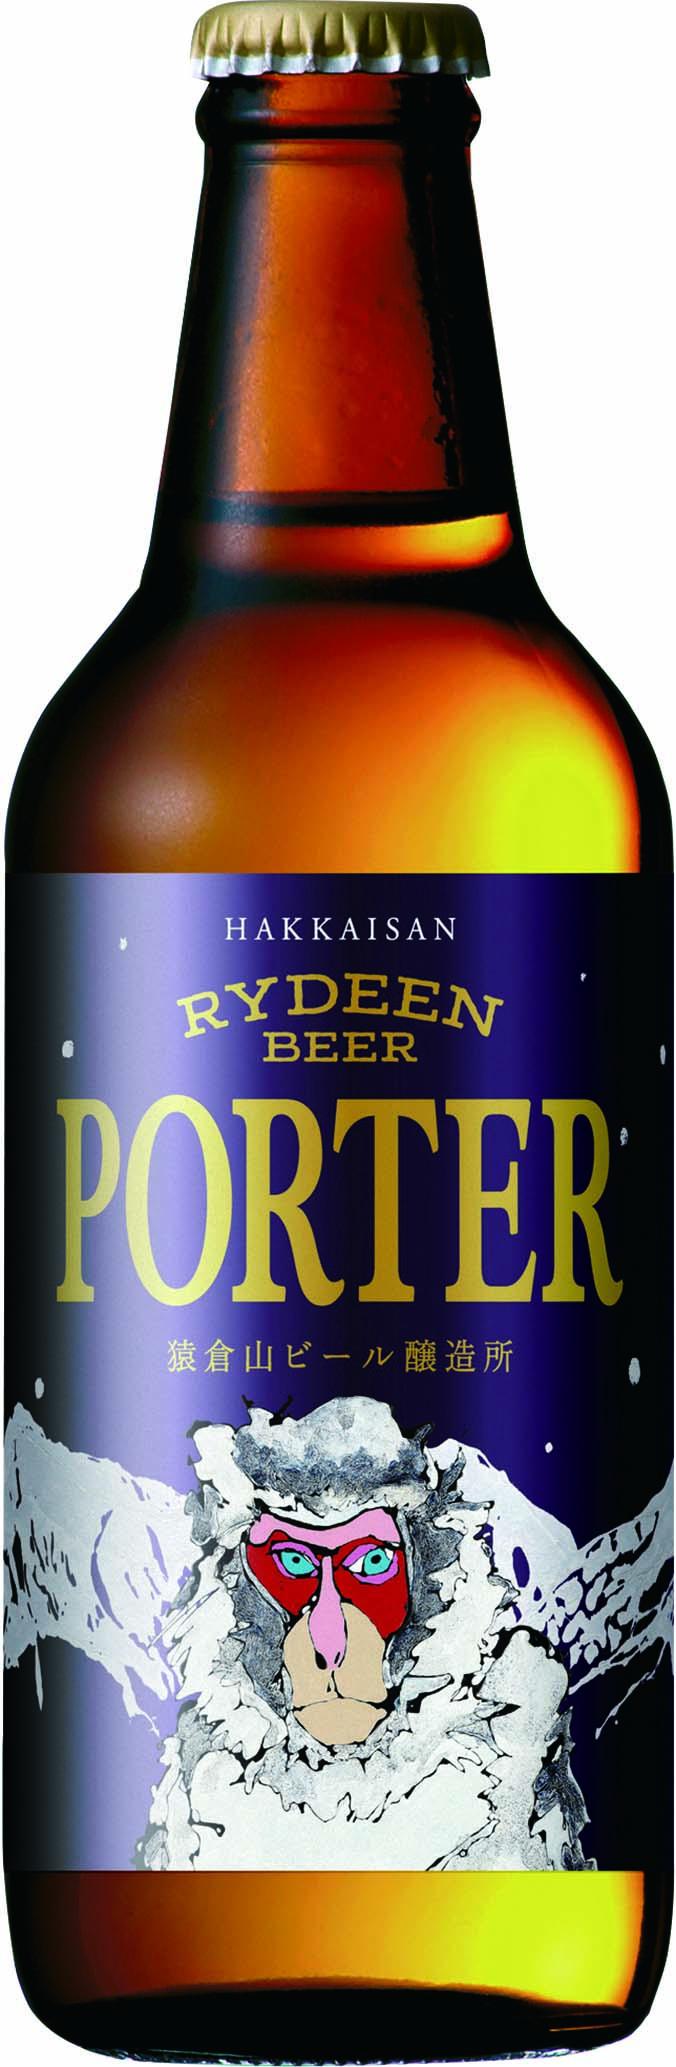 ライディーンビール ポーター  冬季限定